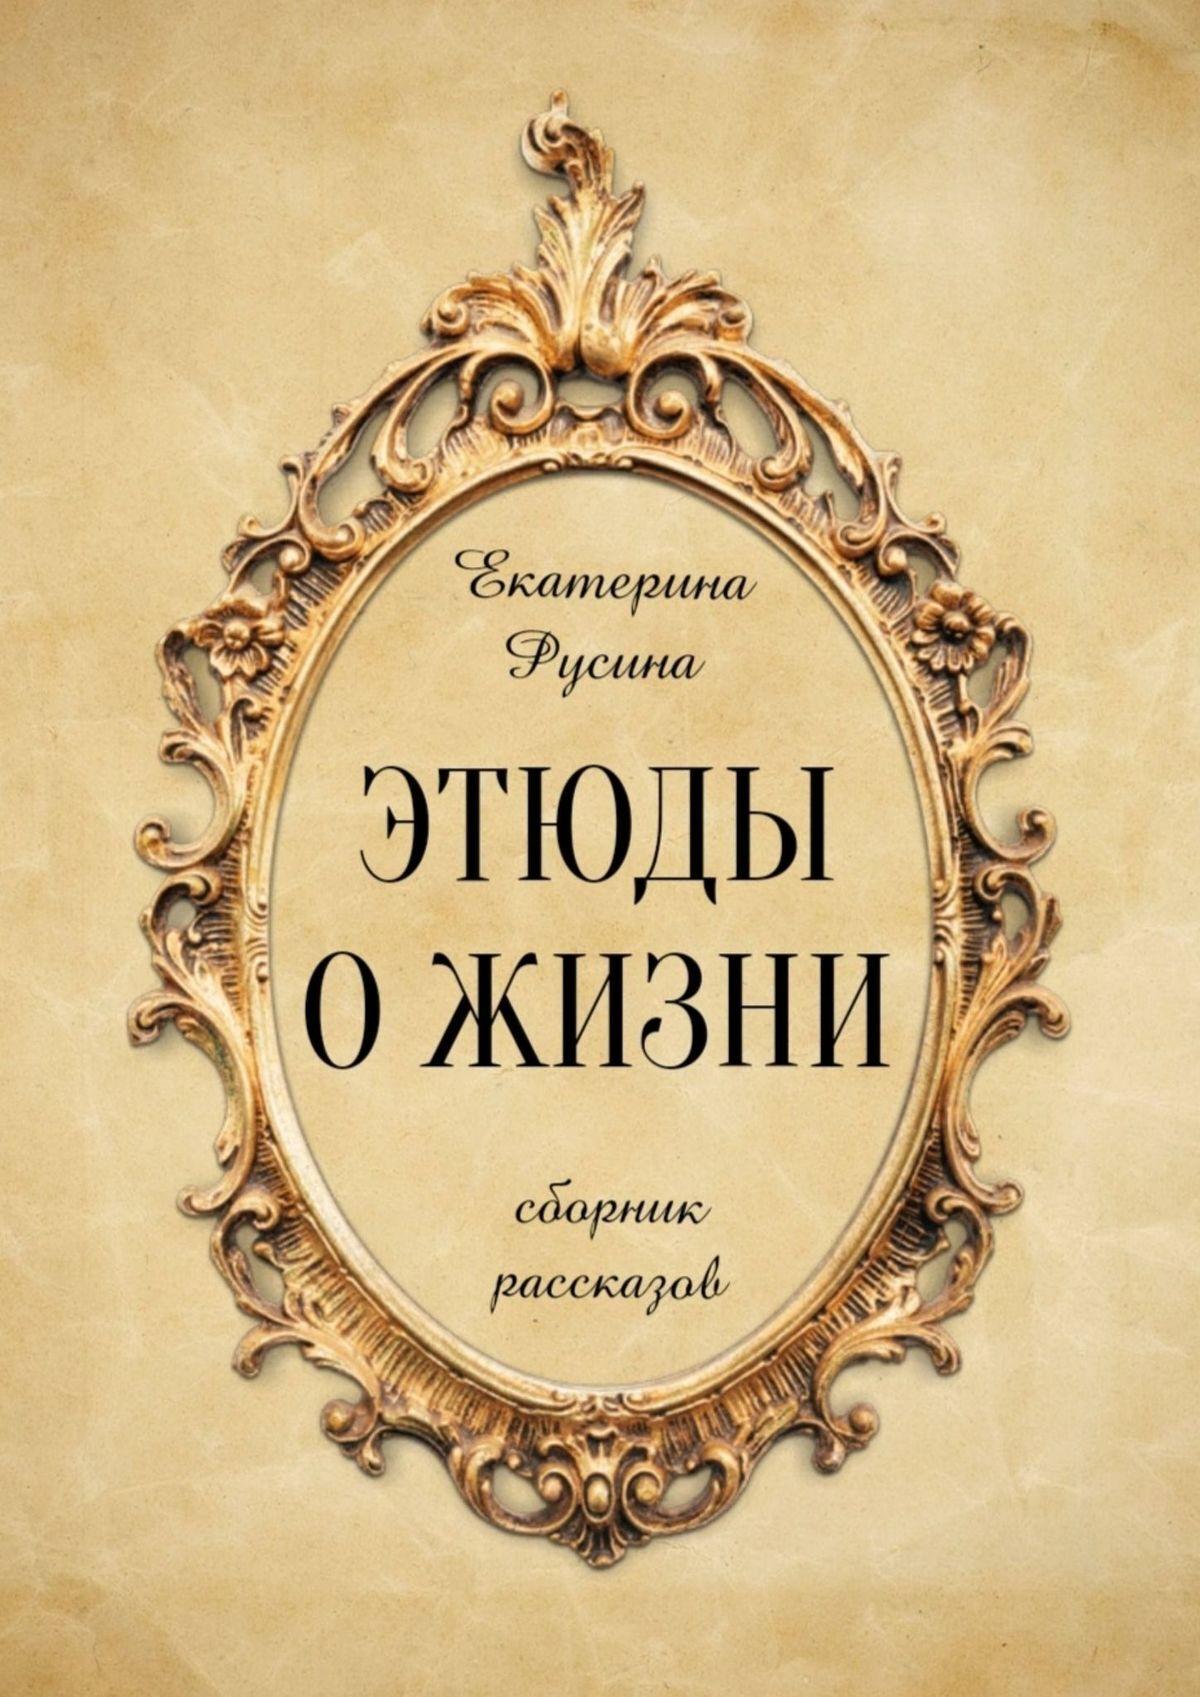 цена на Екатерина Русина Этюды ожизни. Сборник рассказов